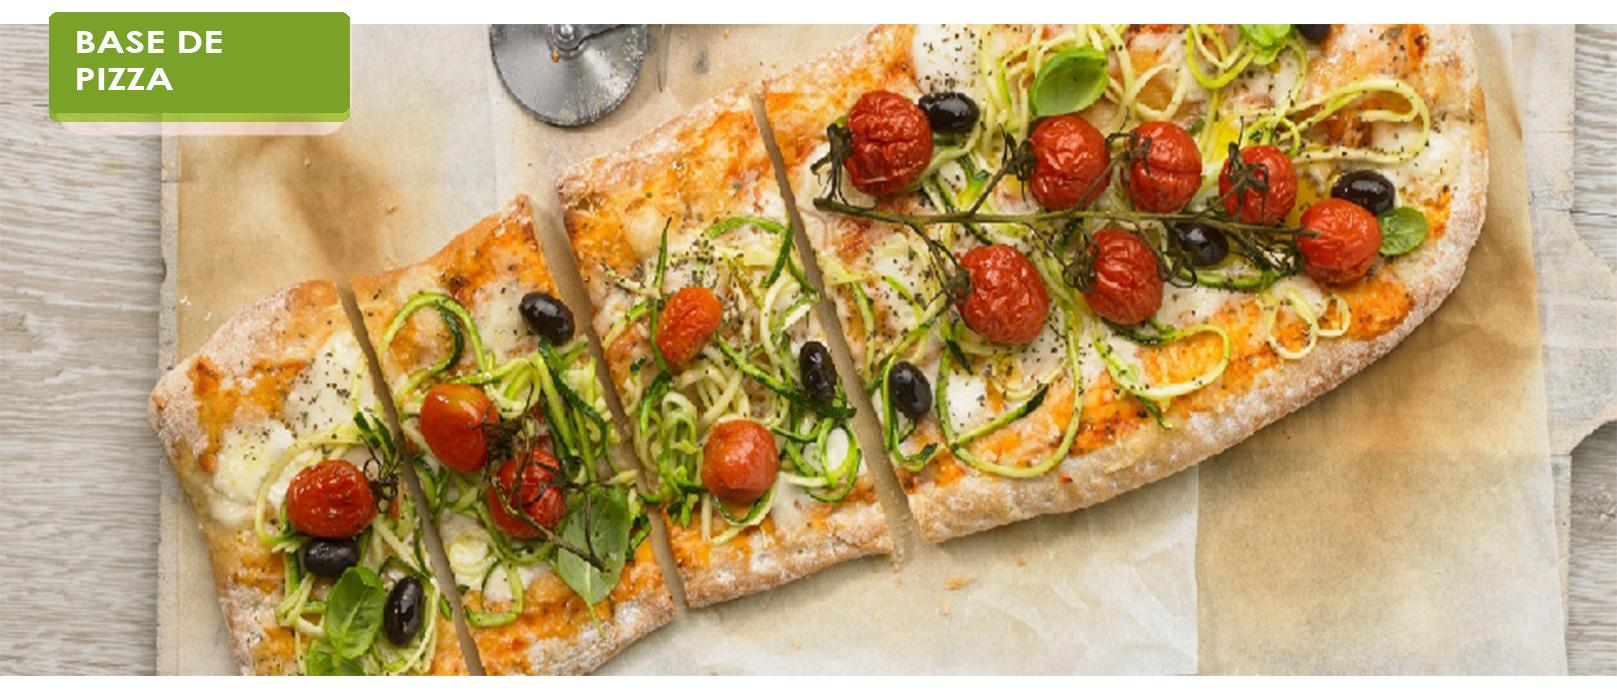 BASE-DE-PIZZA